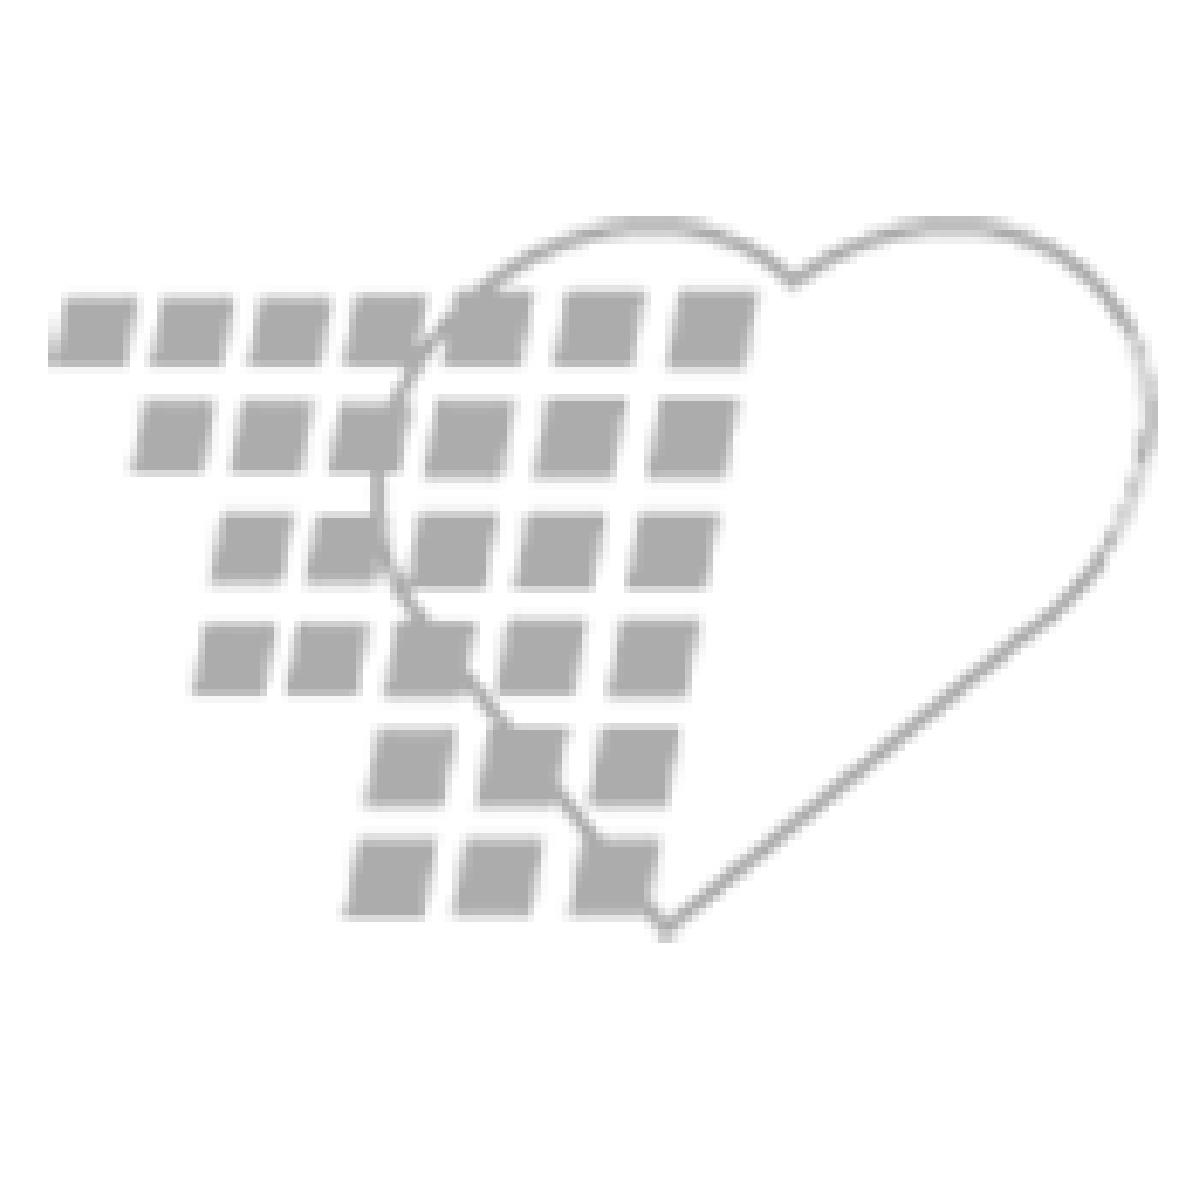 02-20-78 Prosphyg™ Aneroid Sphyg - Adult Cuff